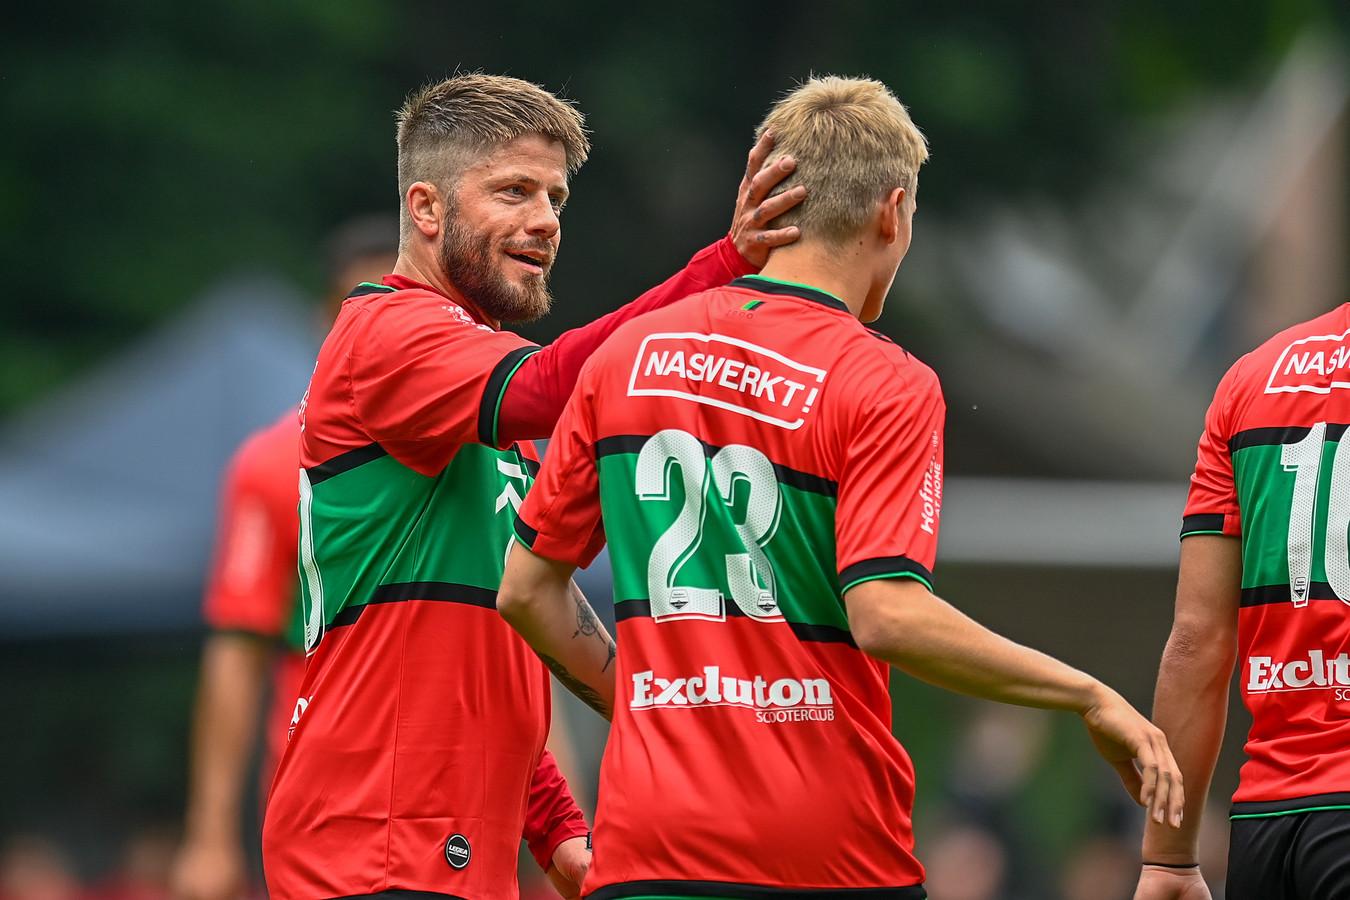 Excluton schittert tot de zomer van 2022 op de shirts Lasse Schone en co.